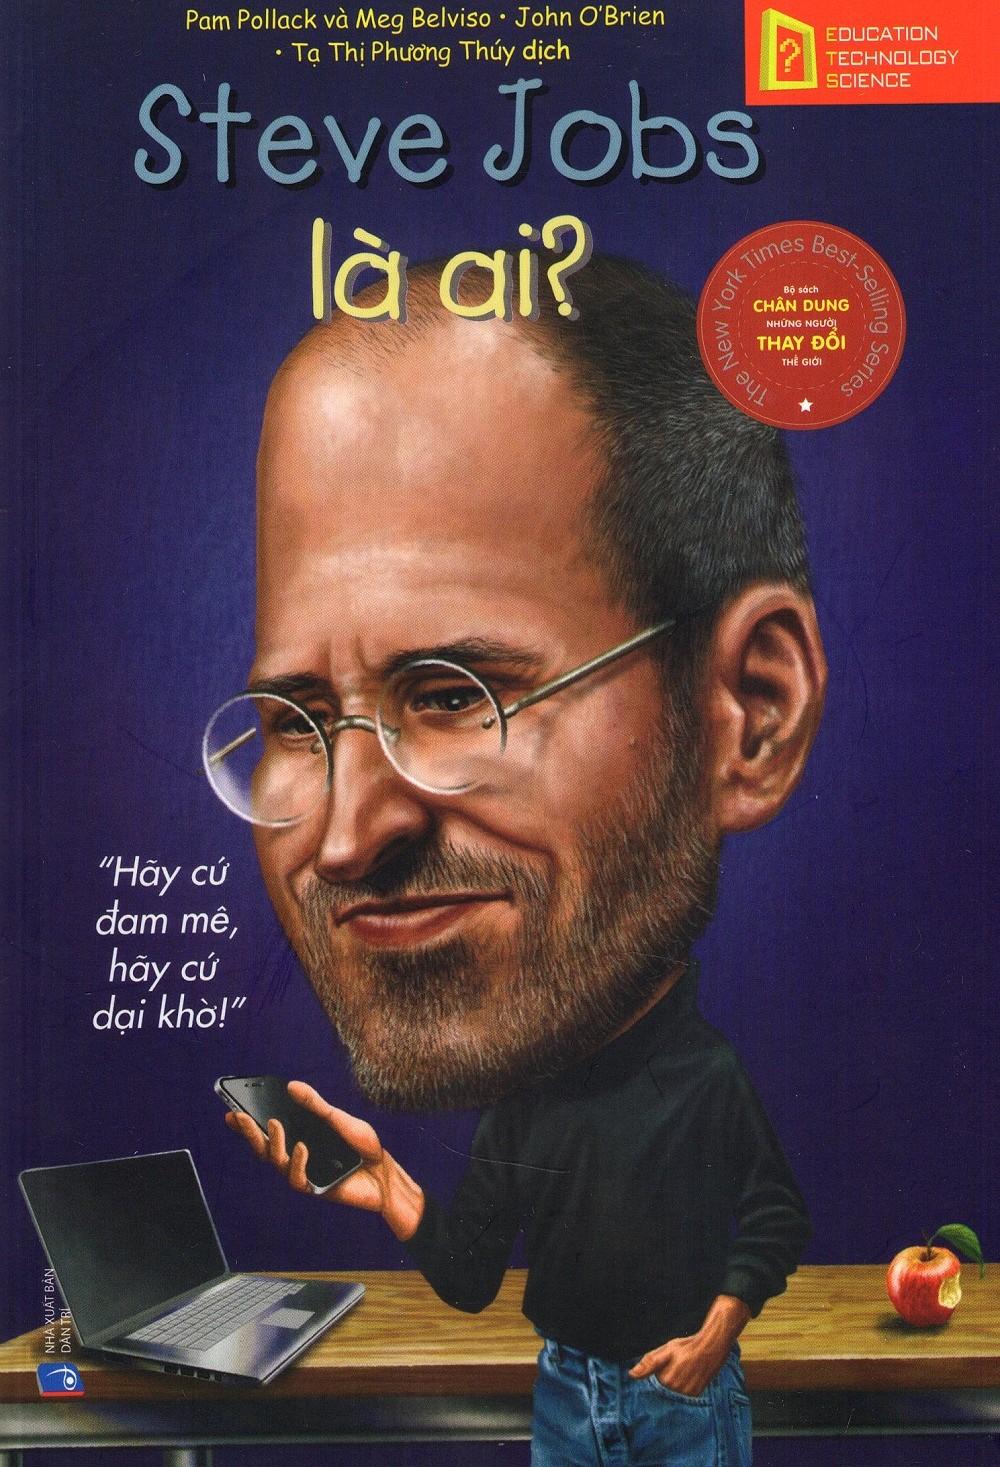 Bộ Sách Chân Dung Những Người Thay Đổi Thế Giới - Steve Jobs Là Ai? - EBOOK/PDF/PRC/EPUB